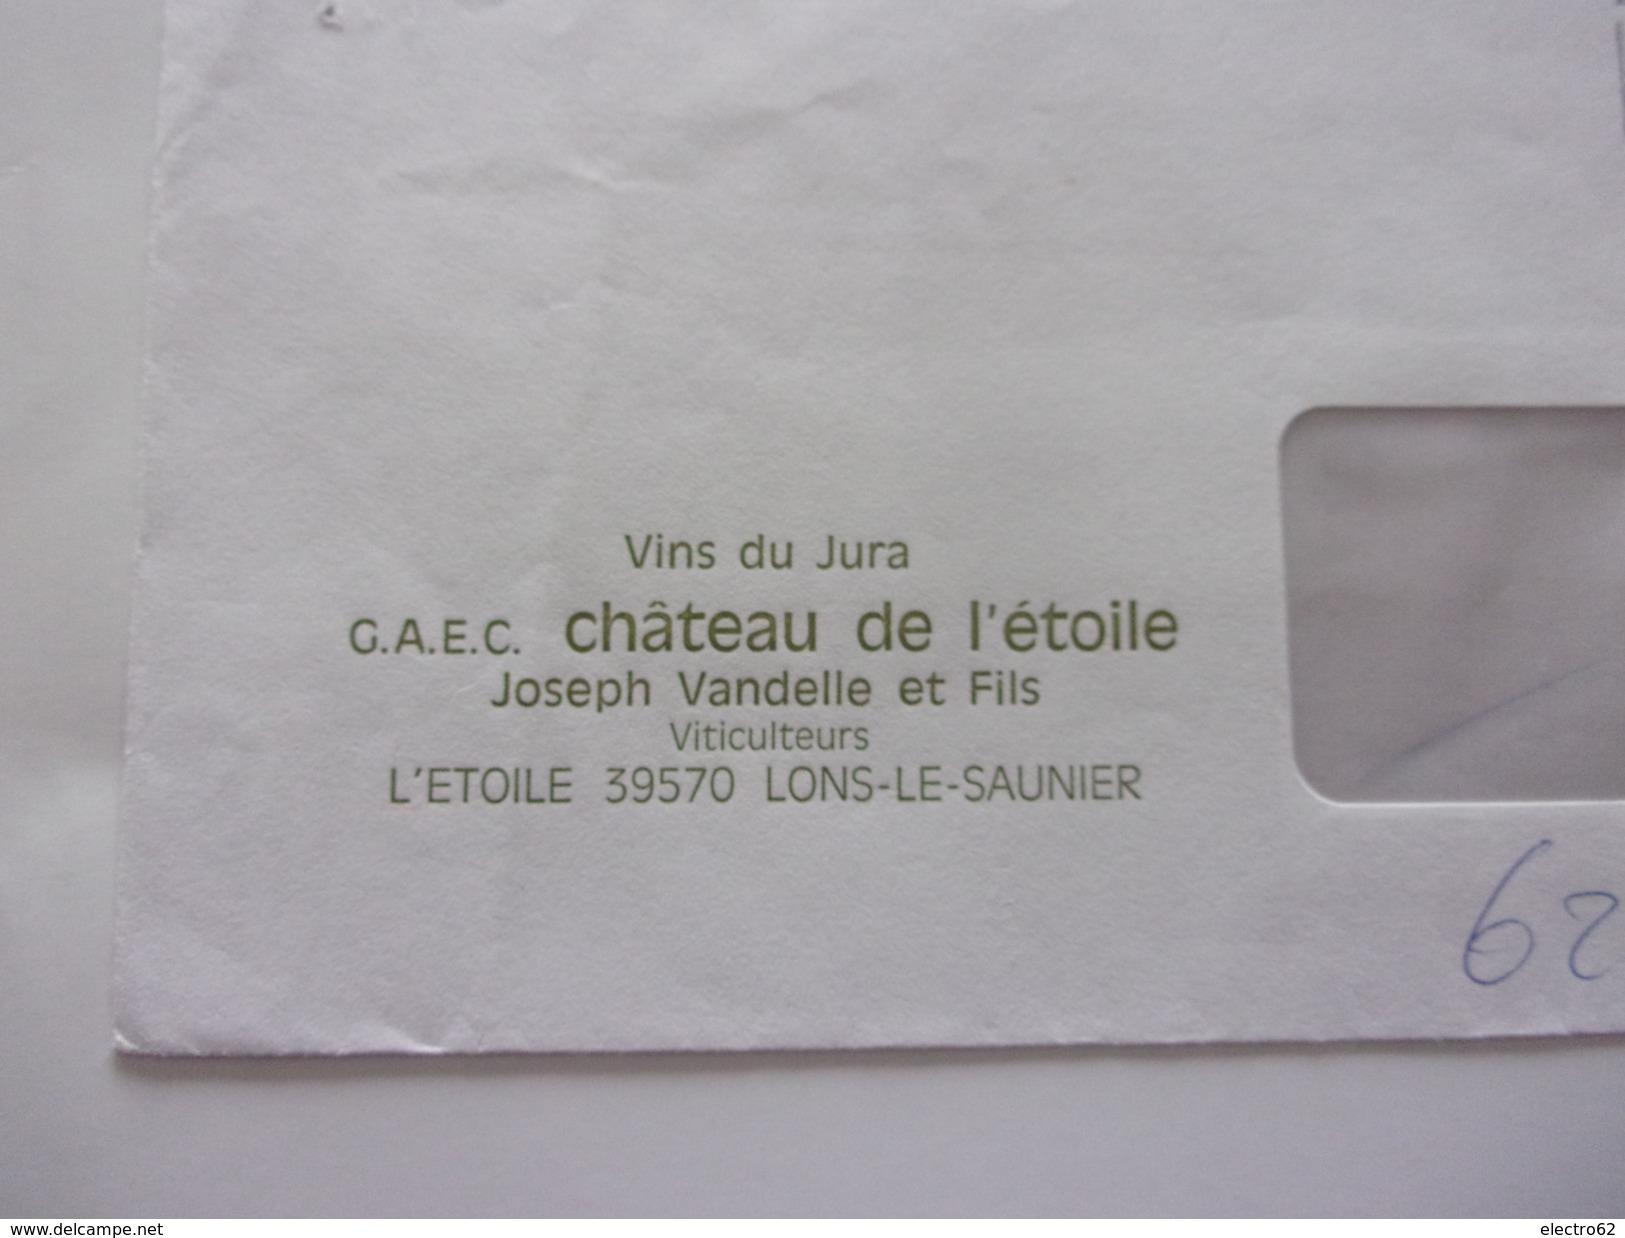 Flamme Lons-Le-Saunier Rouget De Lisle La Marseillaise 27-10-1989 Château De L'étoile - Révolution Française